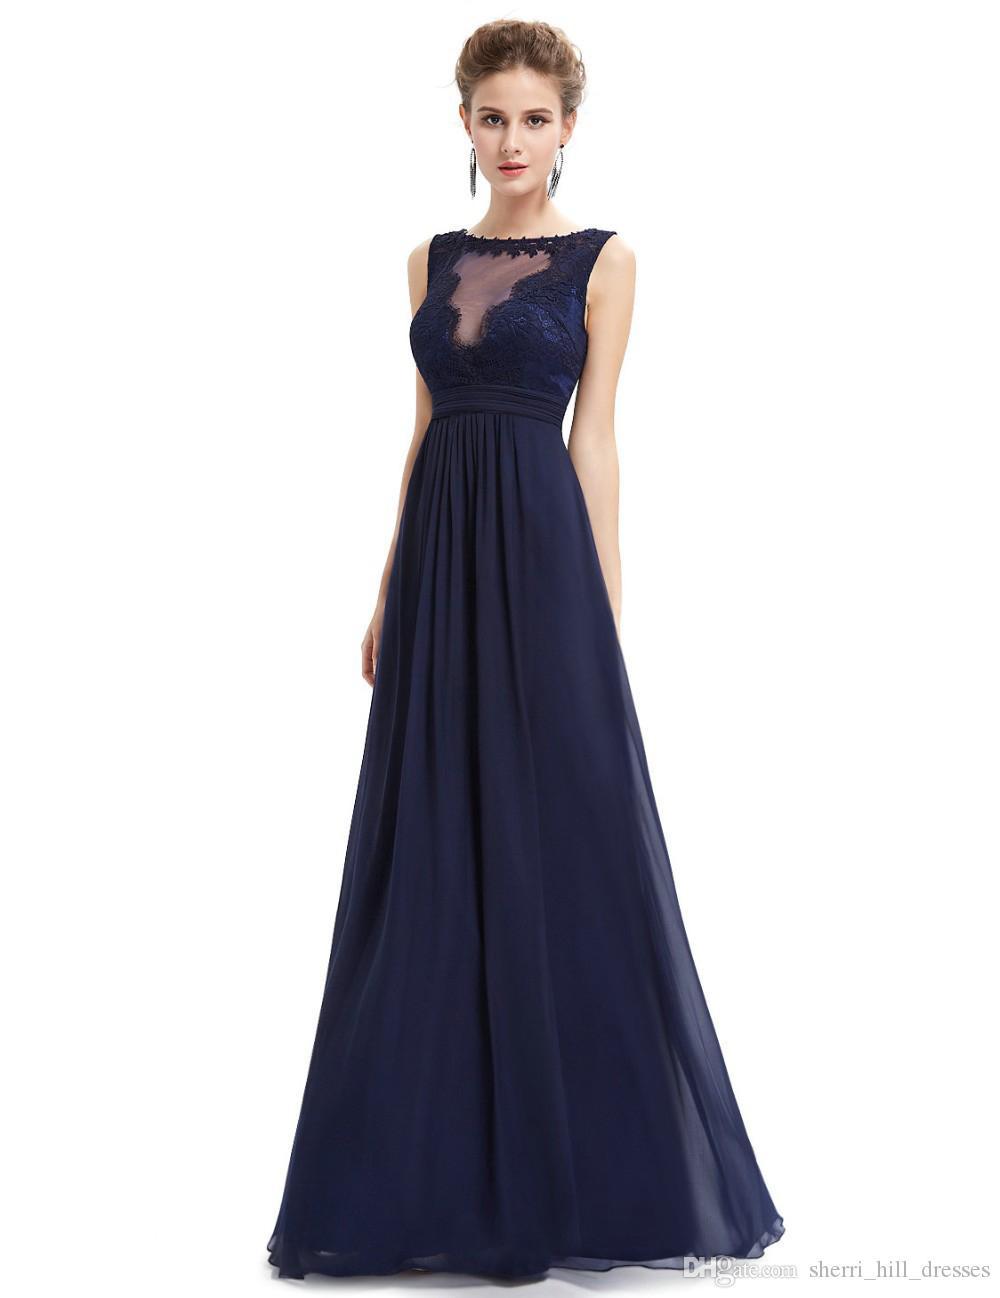 Designer Spektakulär Amerikanische Abendkleider ÄrmelDesigner Spektakulär Amerikanische Abendkleider Ärmel